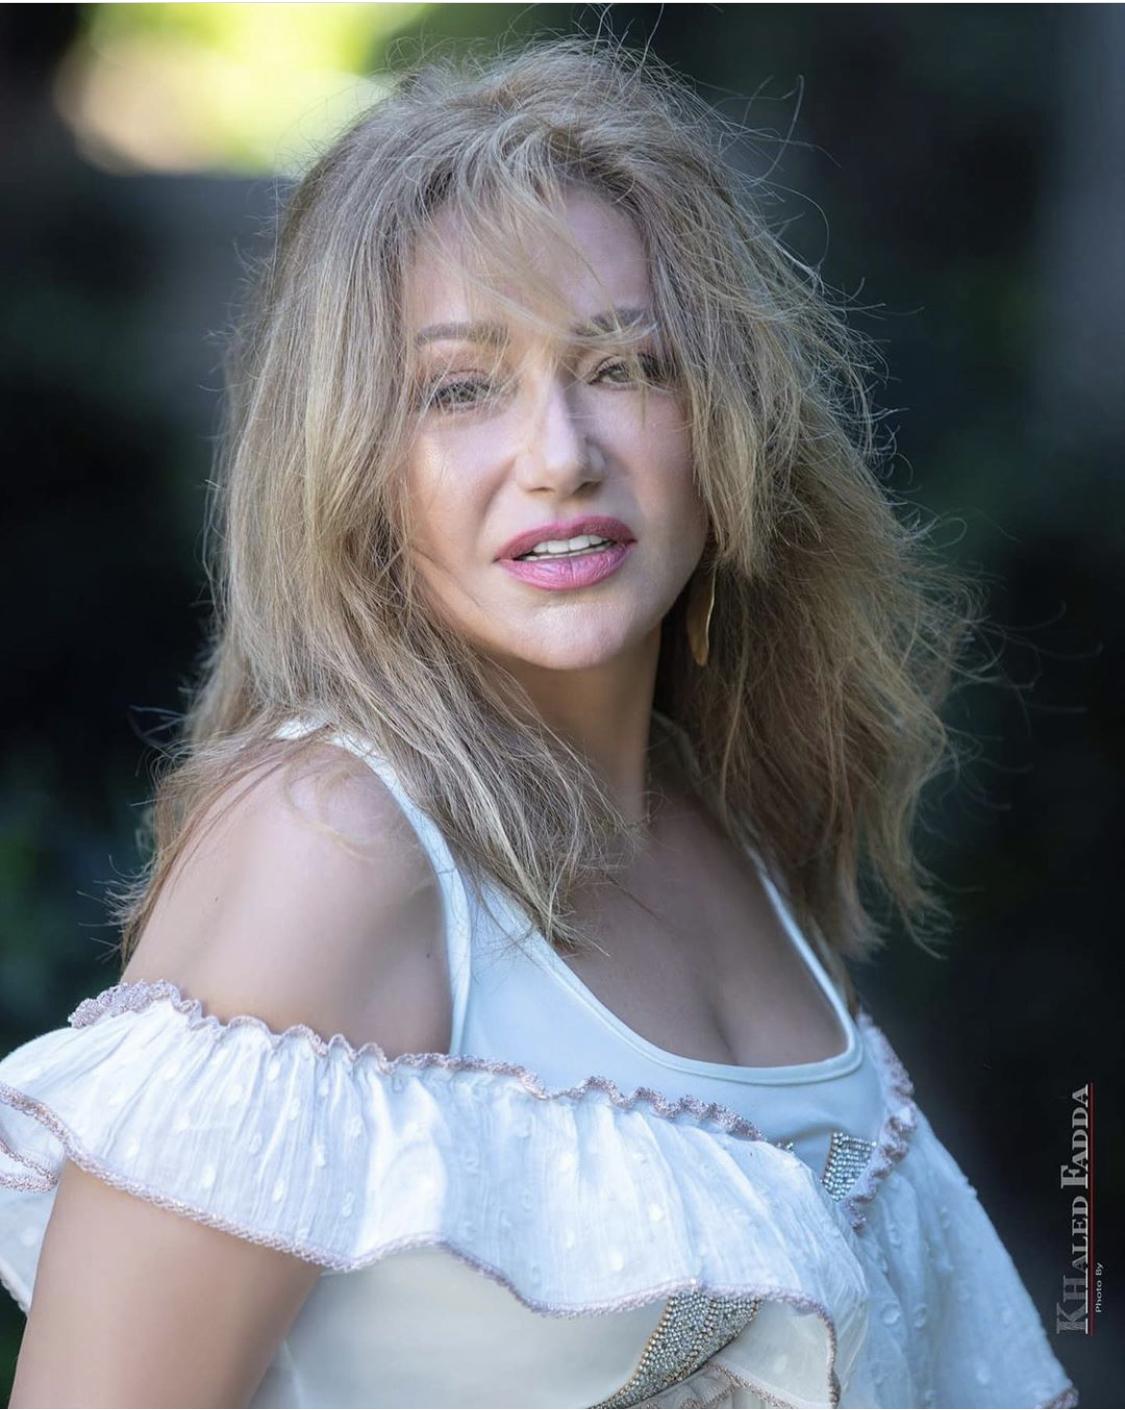 1187833-ليلى علوي تبدو جذابة-في اللقاء الأخير مع المصور